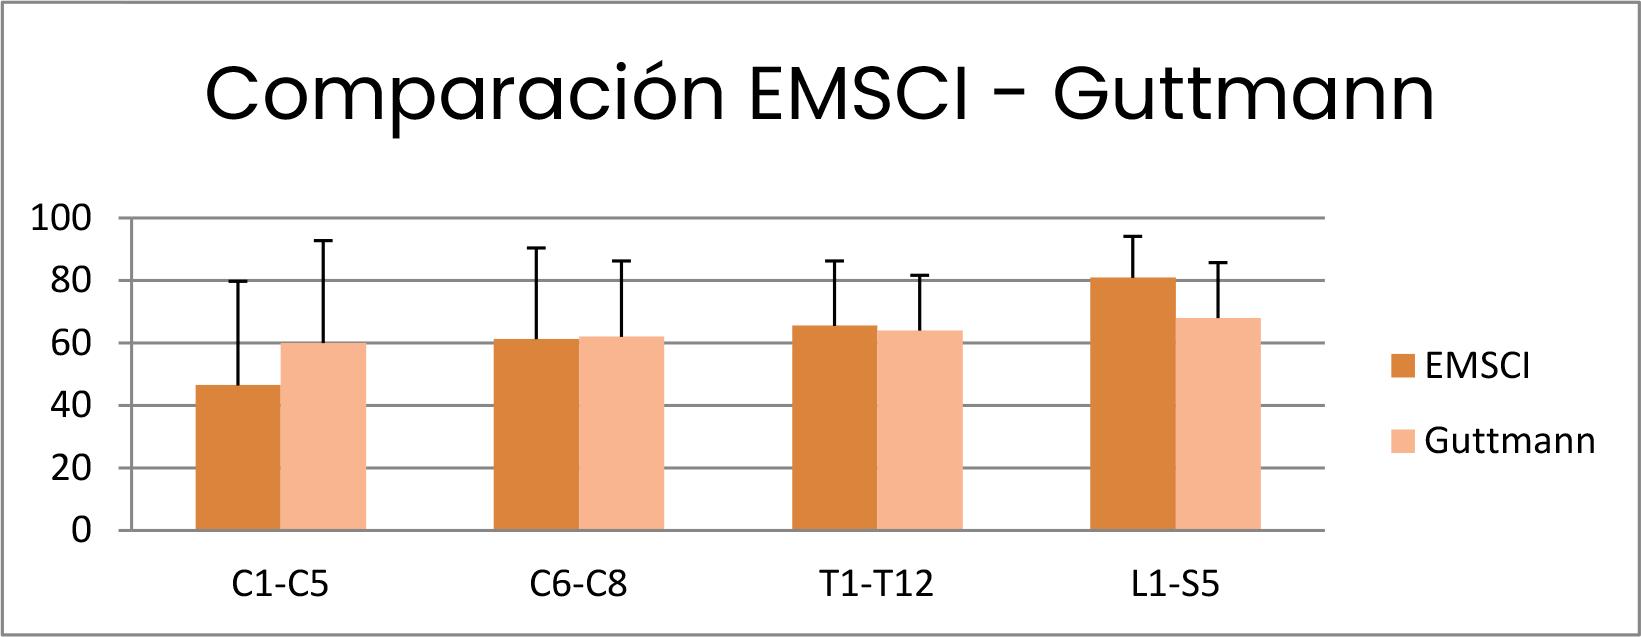 Comparación EMSCI - Guttmann